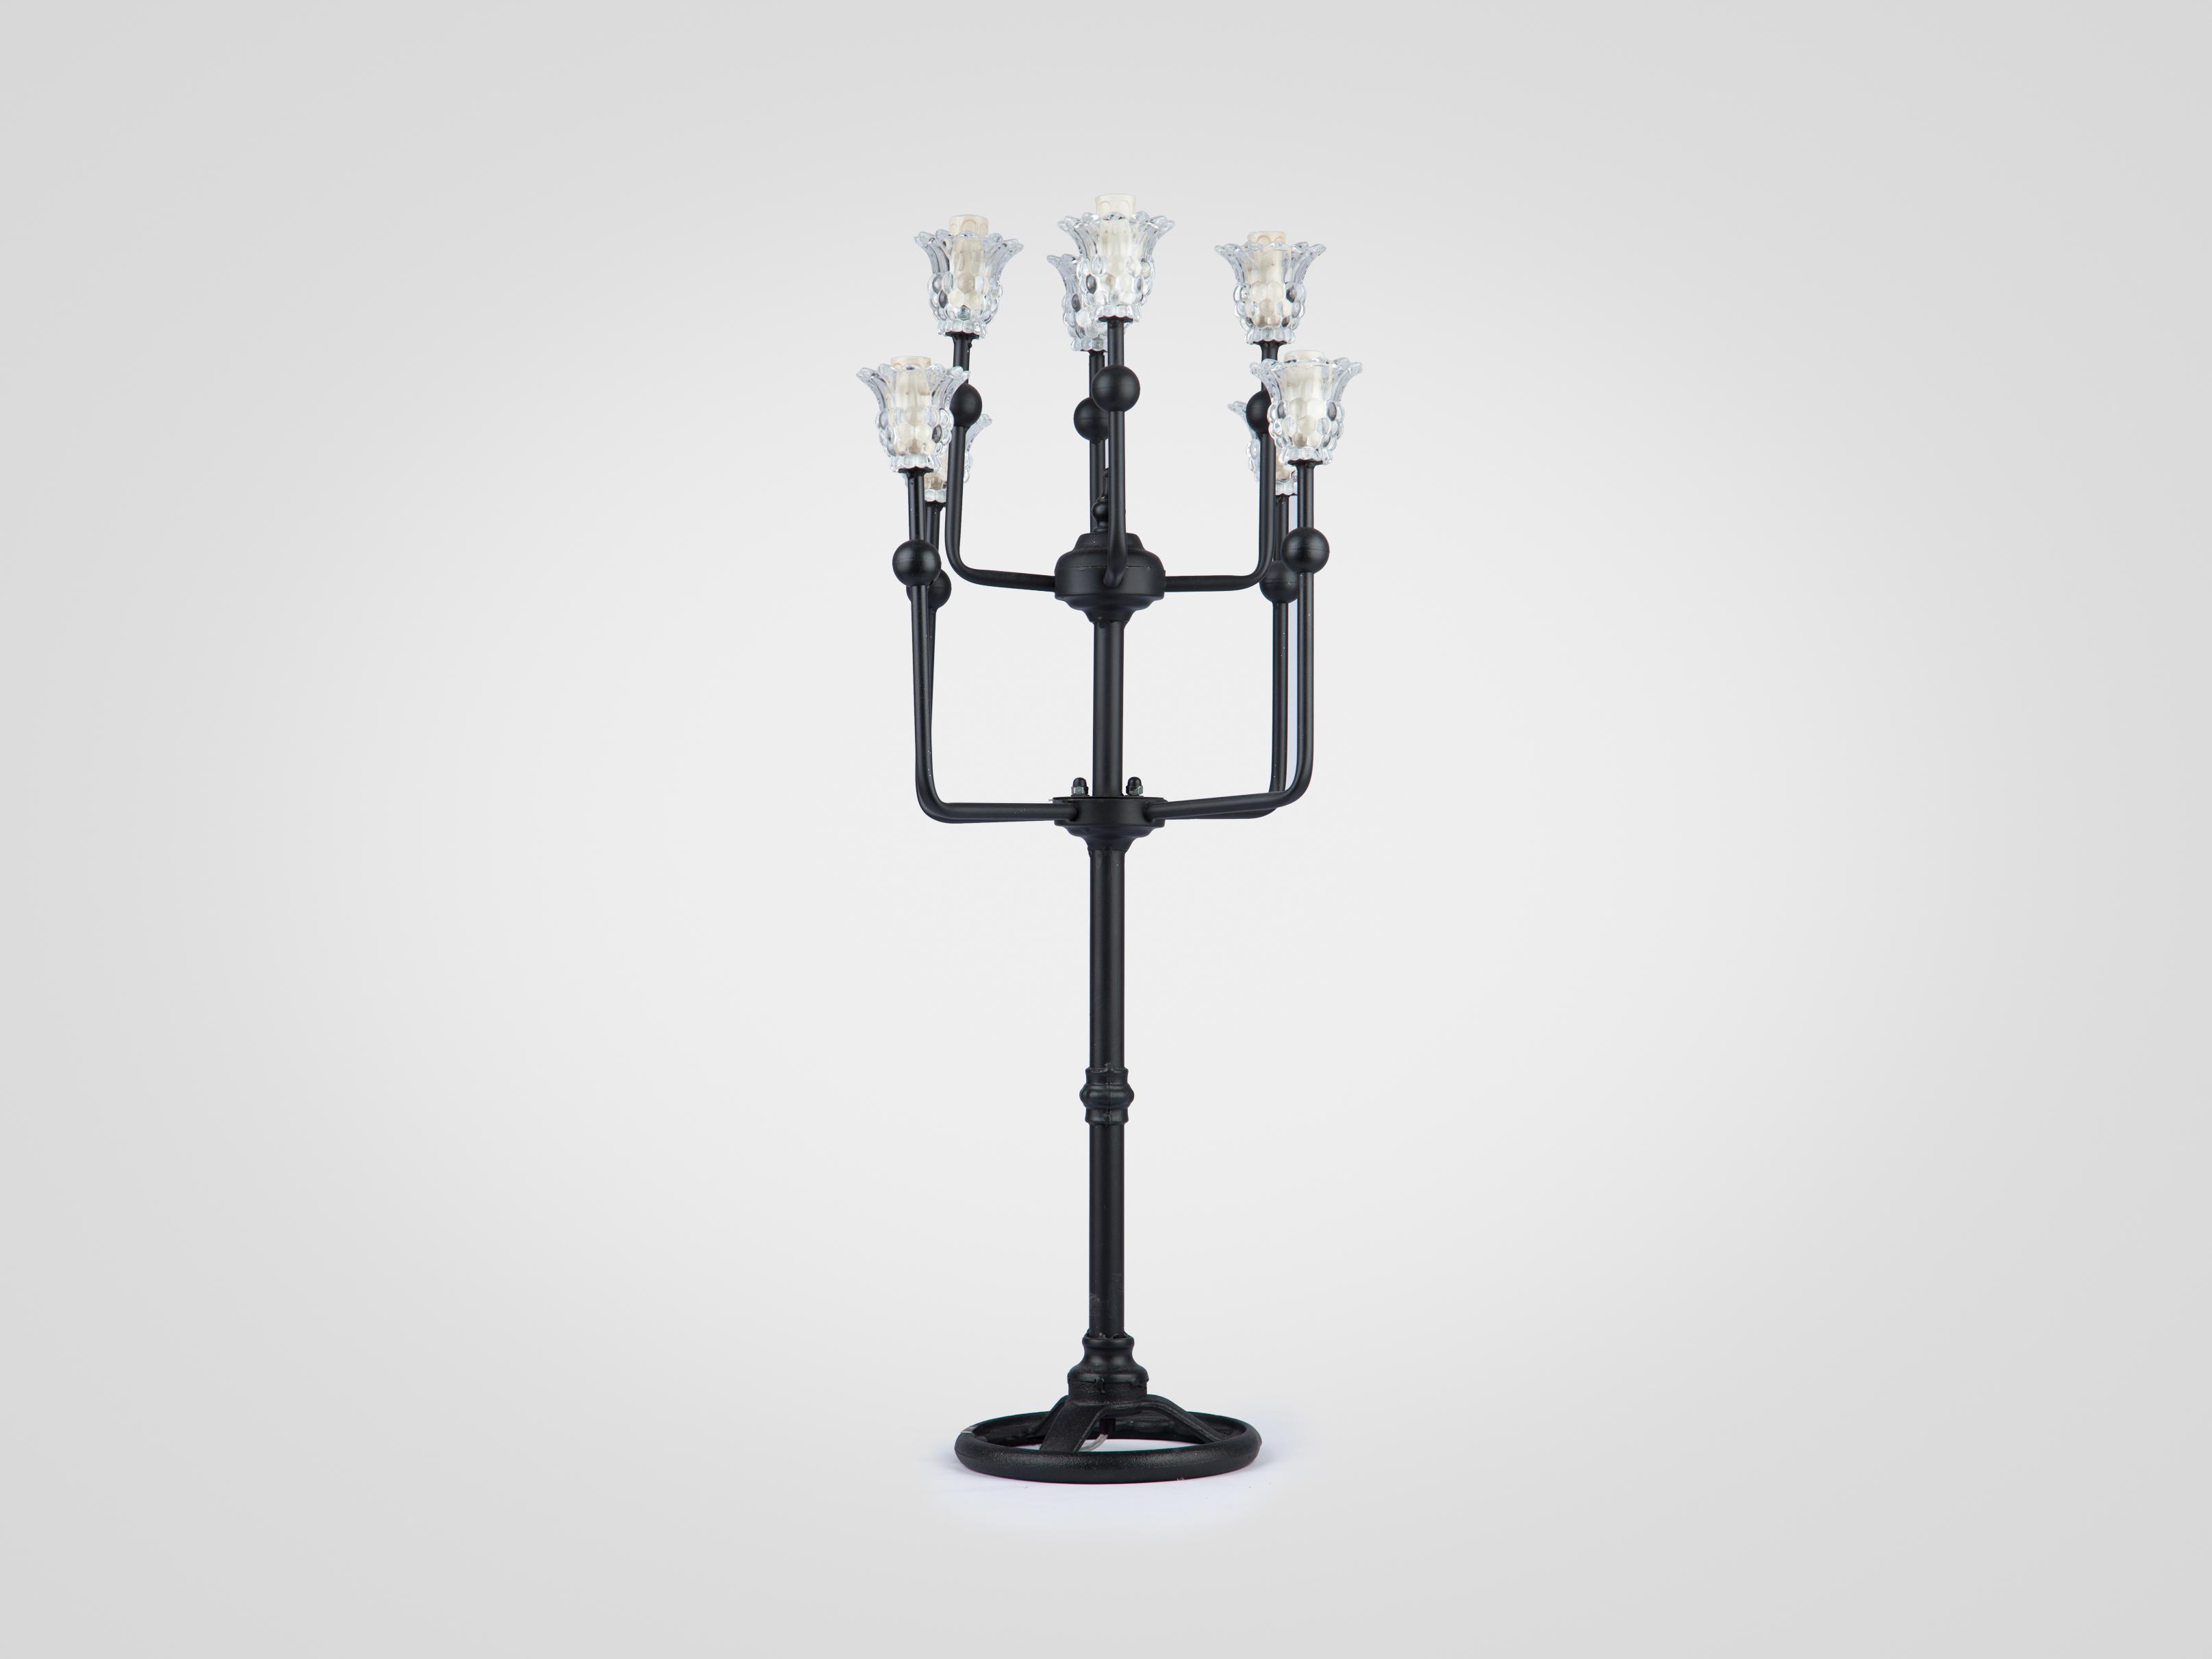 Купить Настольная лампа Канделябр на металлической ножке, inmyroom, Китай